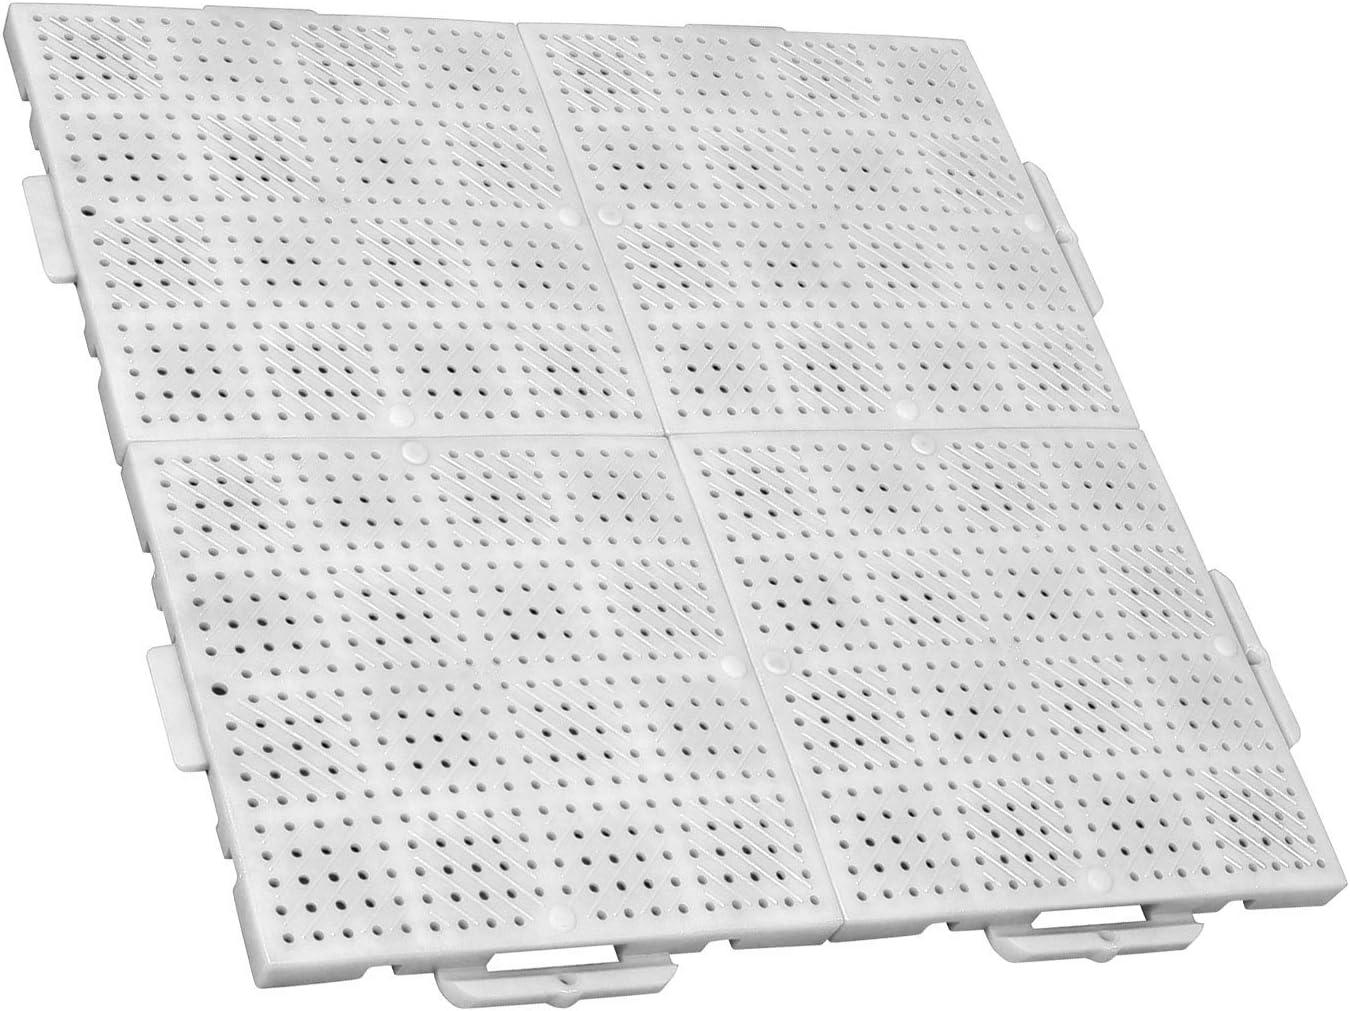 TERRAGUIDE Sun Placas para Suelo/terraza 1m², 4 Unidades de 50 x 50cm, 16 baldosas de Clic, Blanco: Amazon.es: Jardín